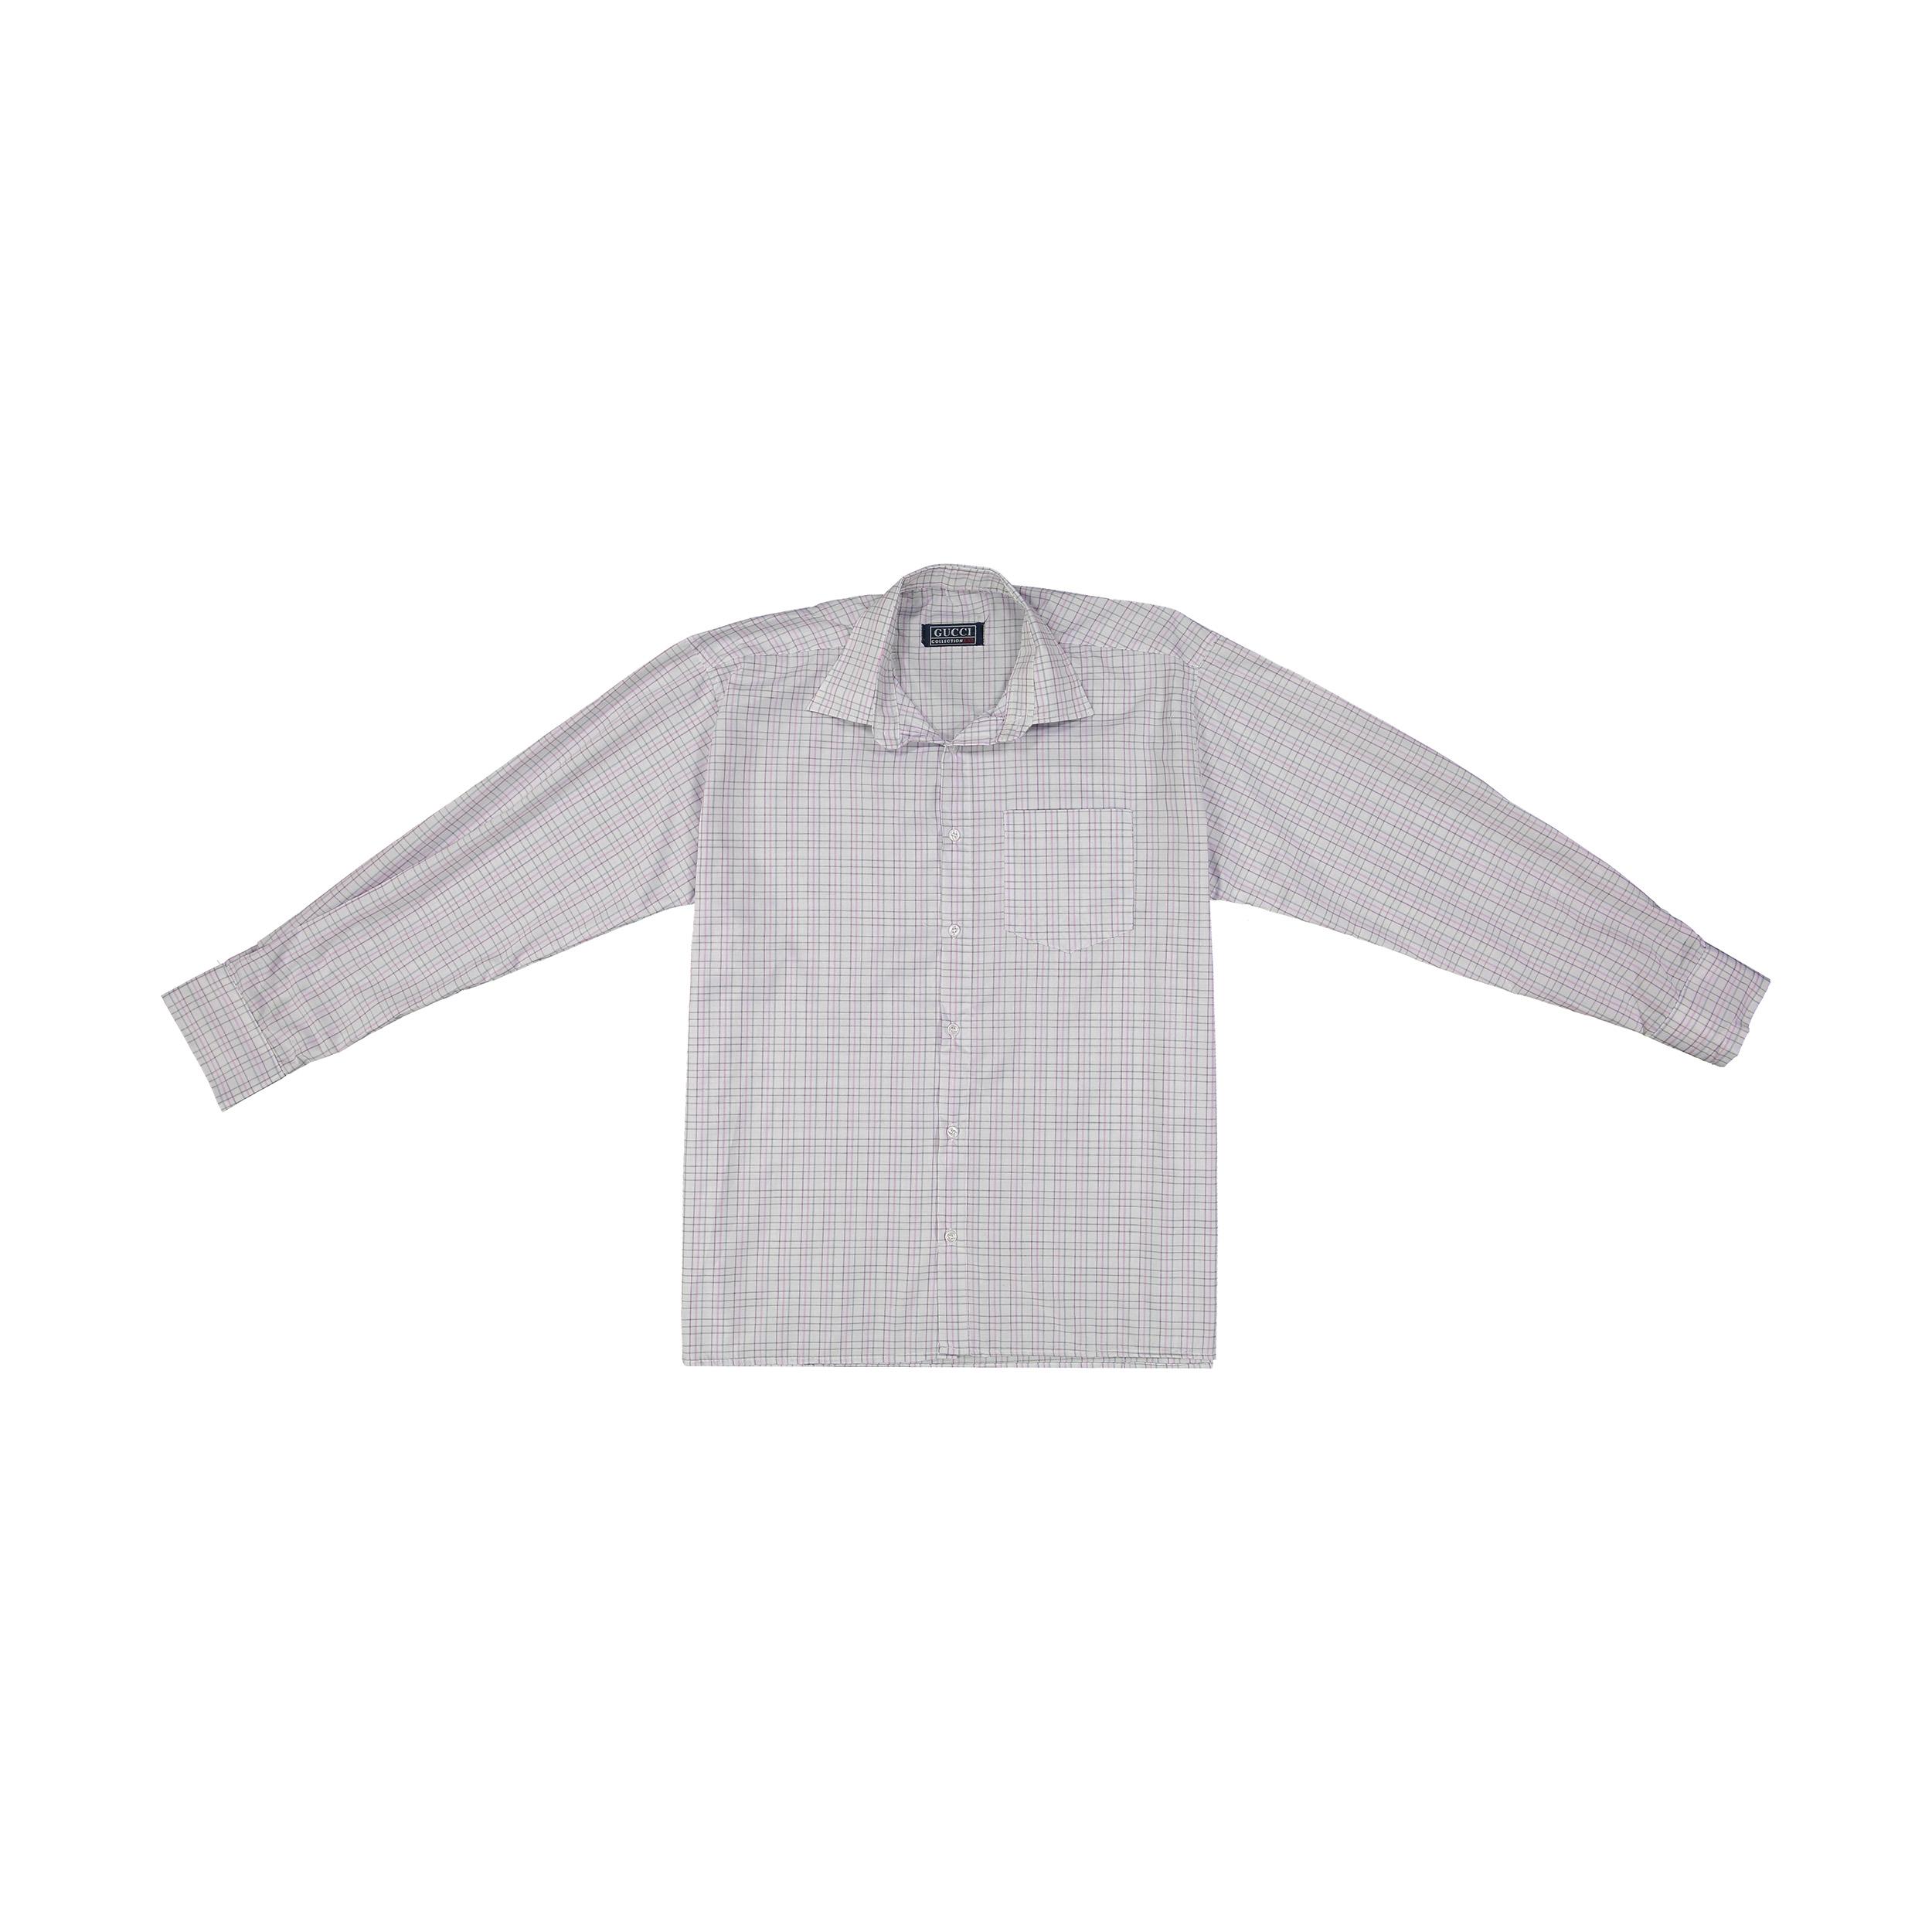 پیراهن مردانه مدل P.baz.224